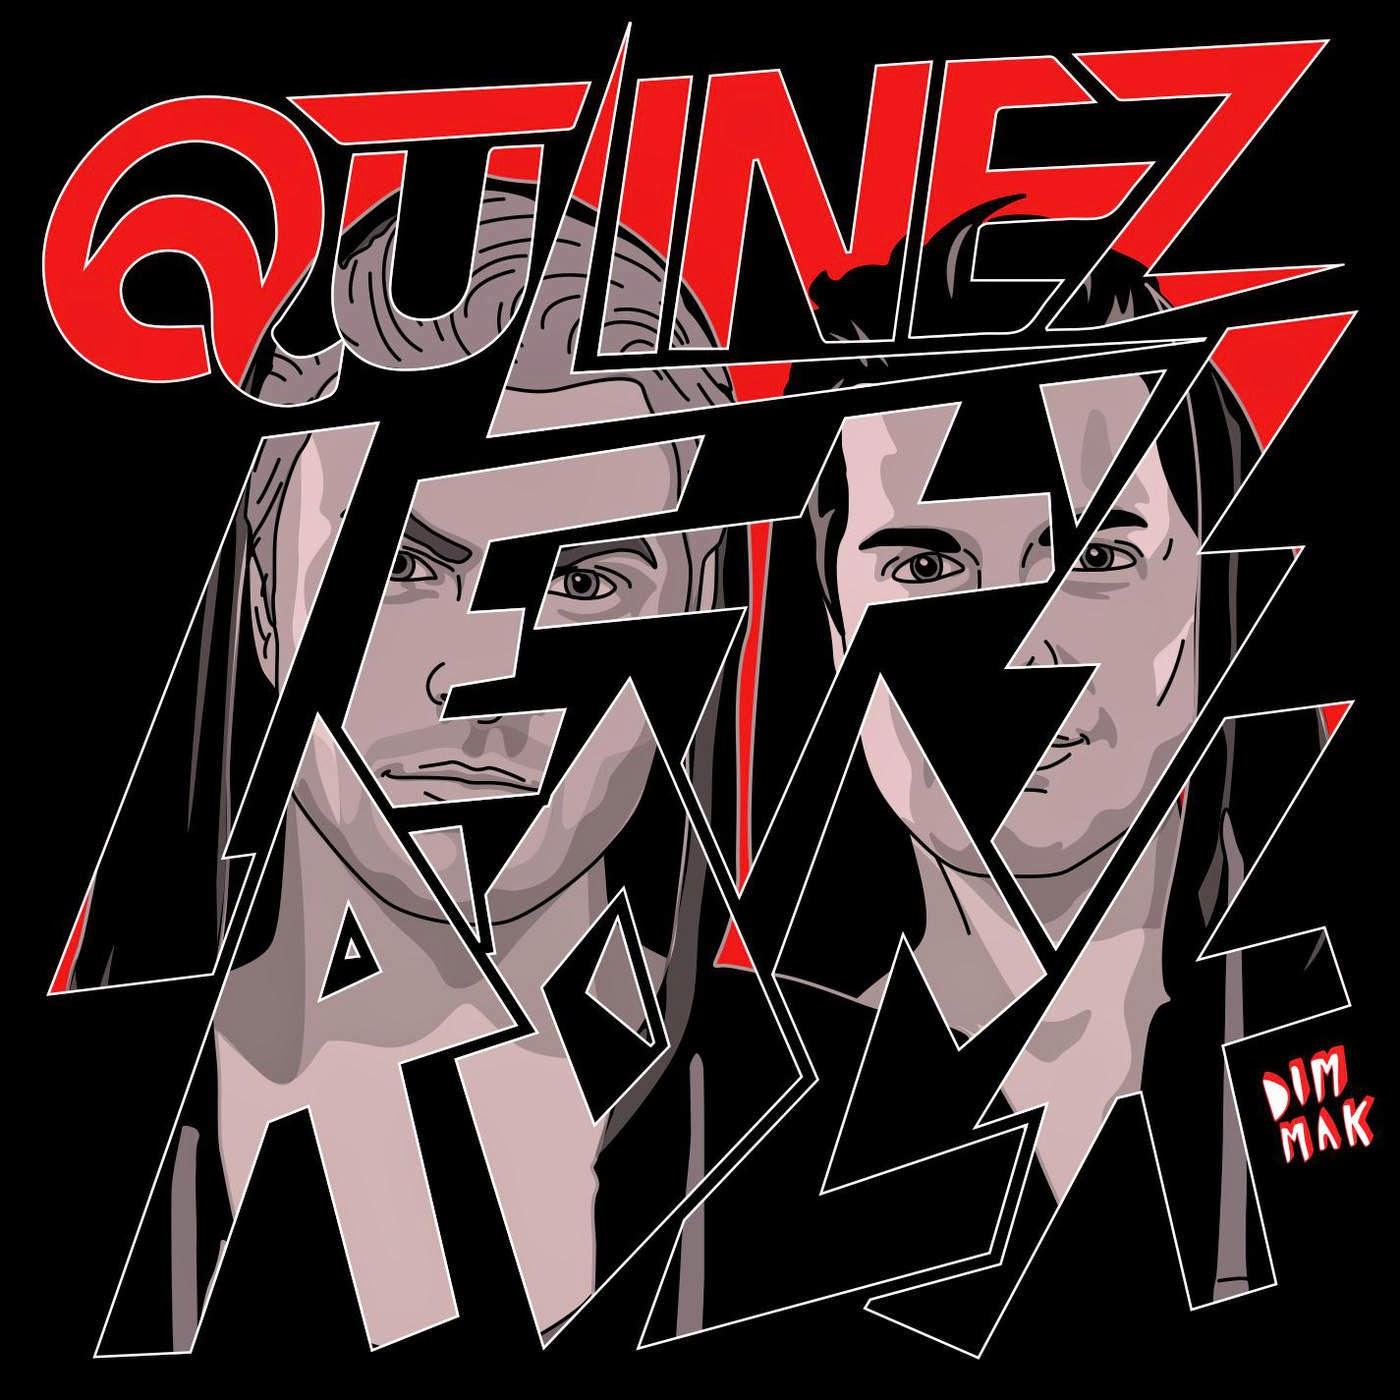 Qulinez - Let's Rock - Single Cover